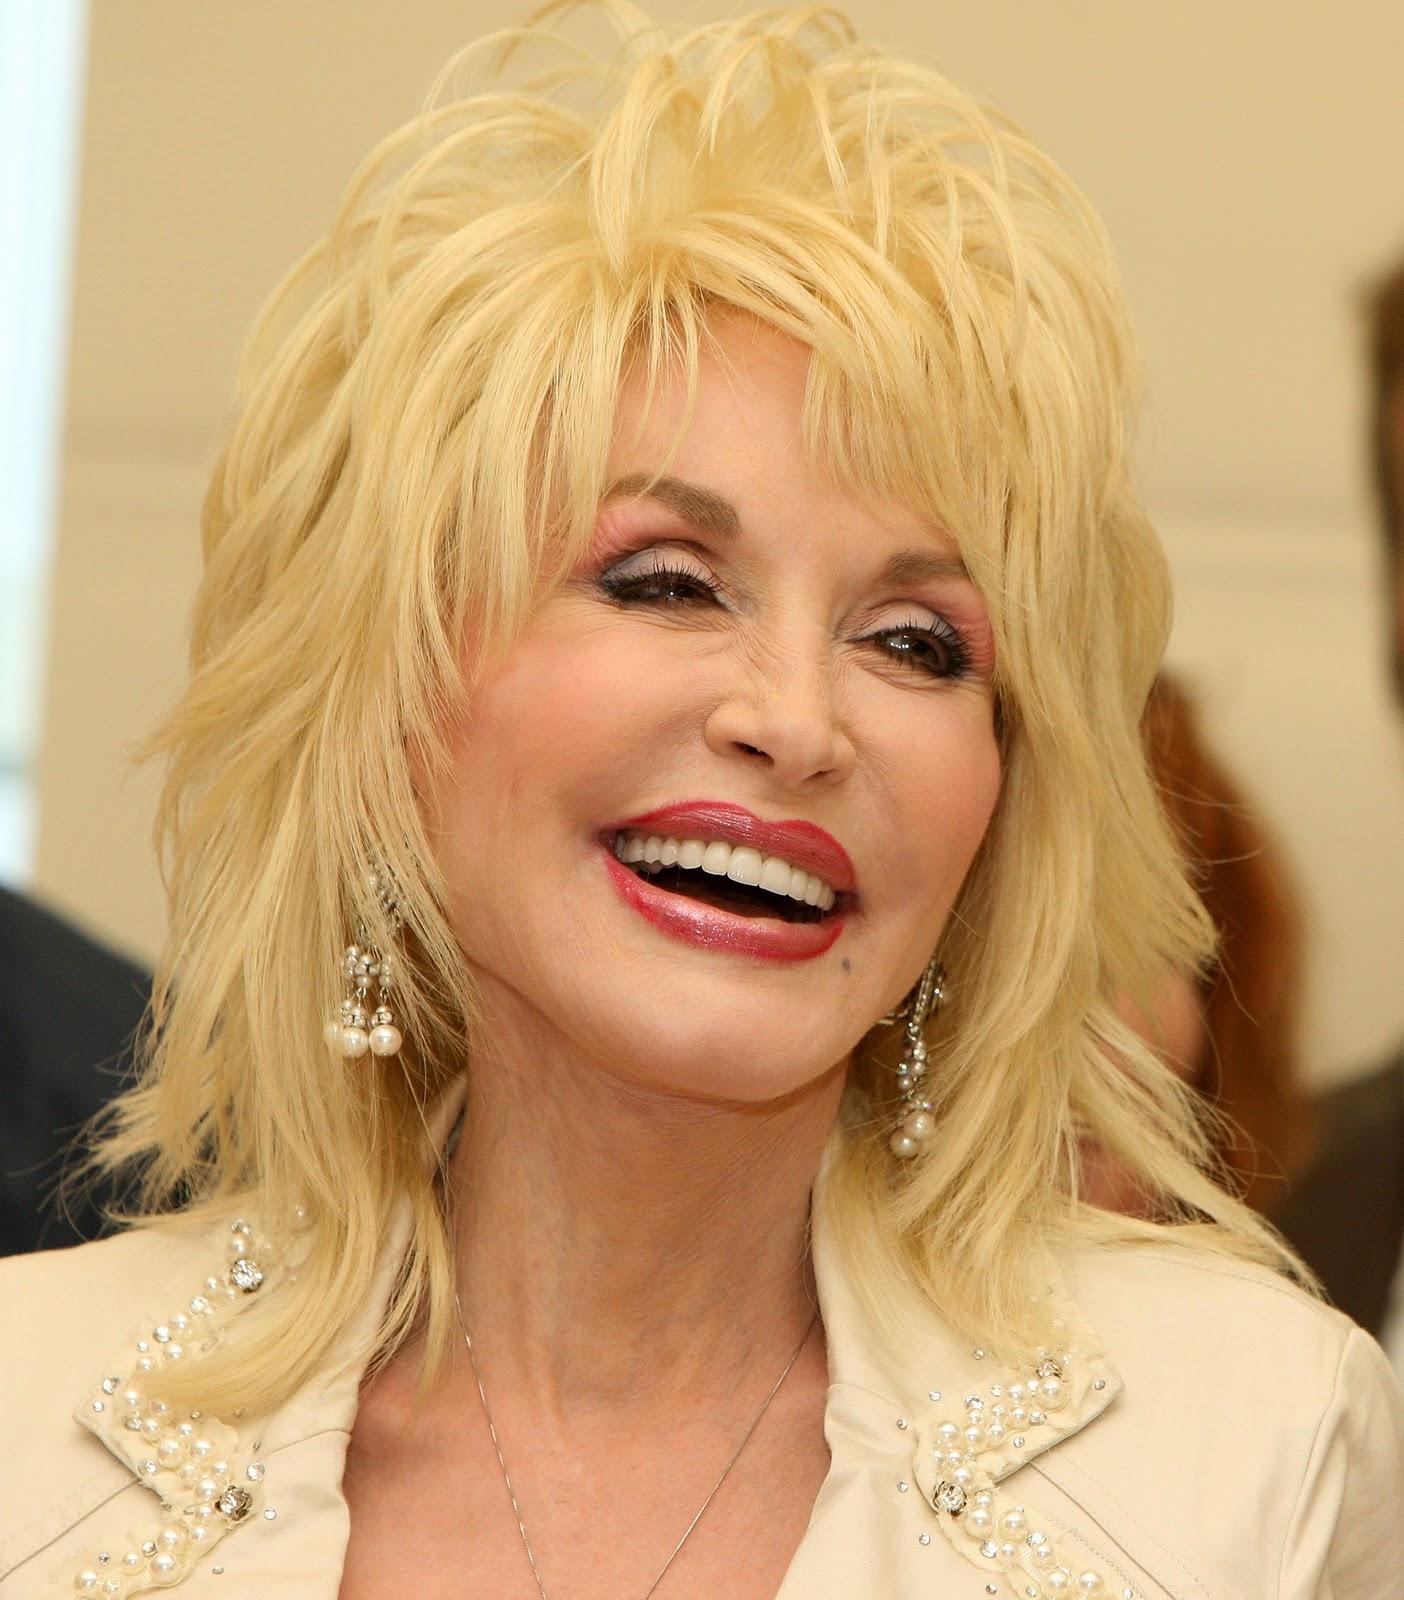 That Nashville Sound: Dolly Parton Readies New Album